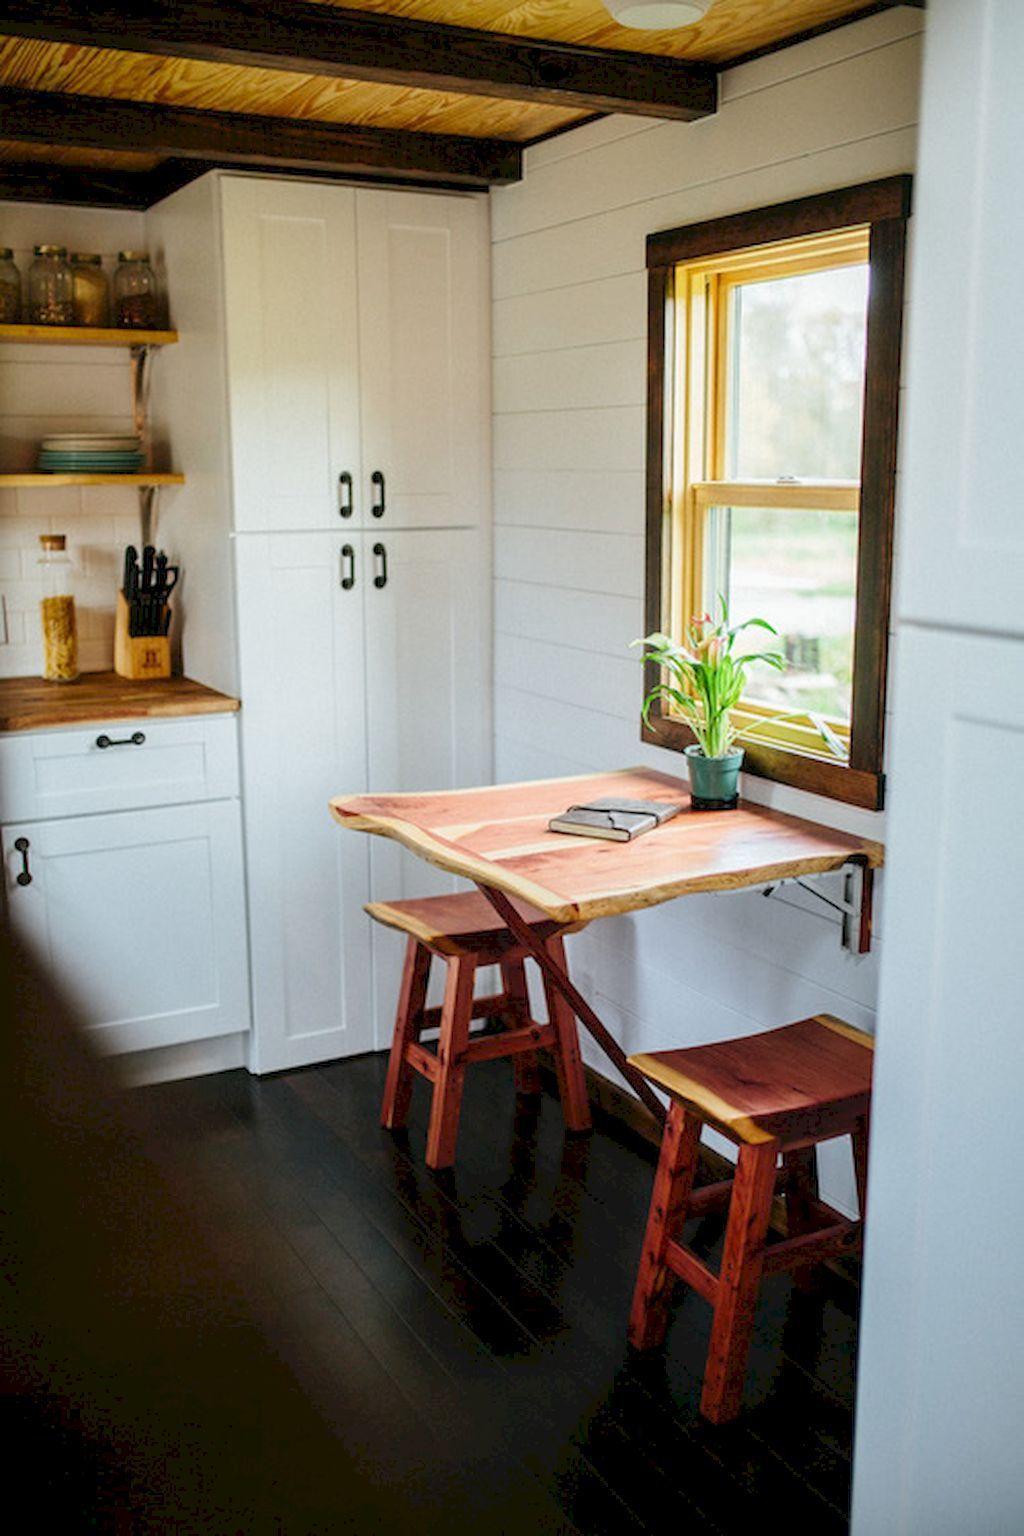 genius tiny house kitchen ideas 46 - Tiny House Kitchen Ideas